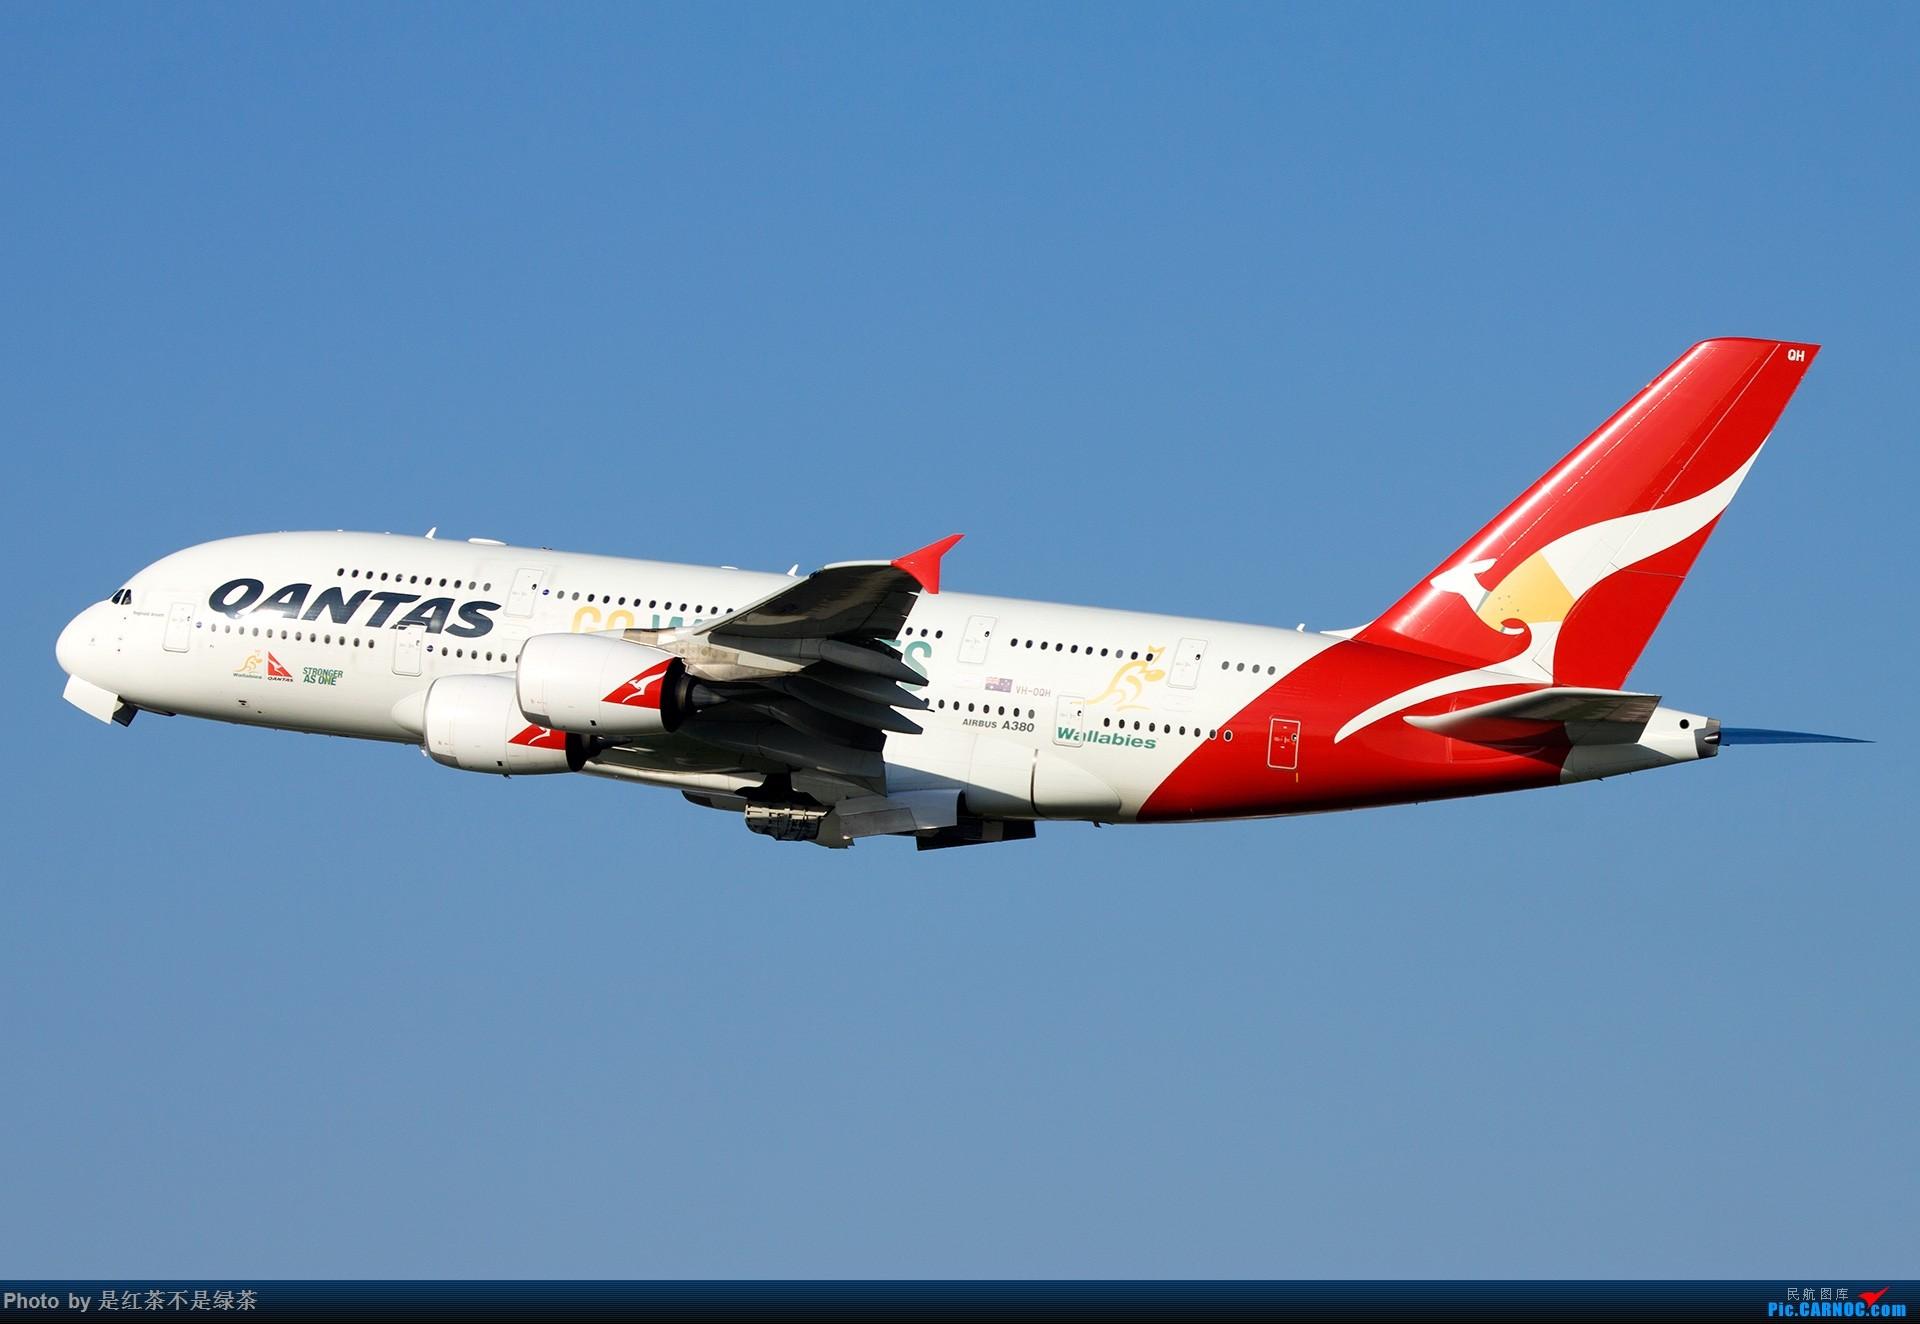 [原创]【红茶拍机】澳洲行半日拍机,距离上次发帖居然有10个月了! AIRBUS A380-800 VH-OQH 澳大利亚悉尼金斯福德·史密斯机场